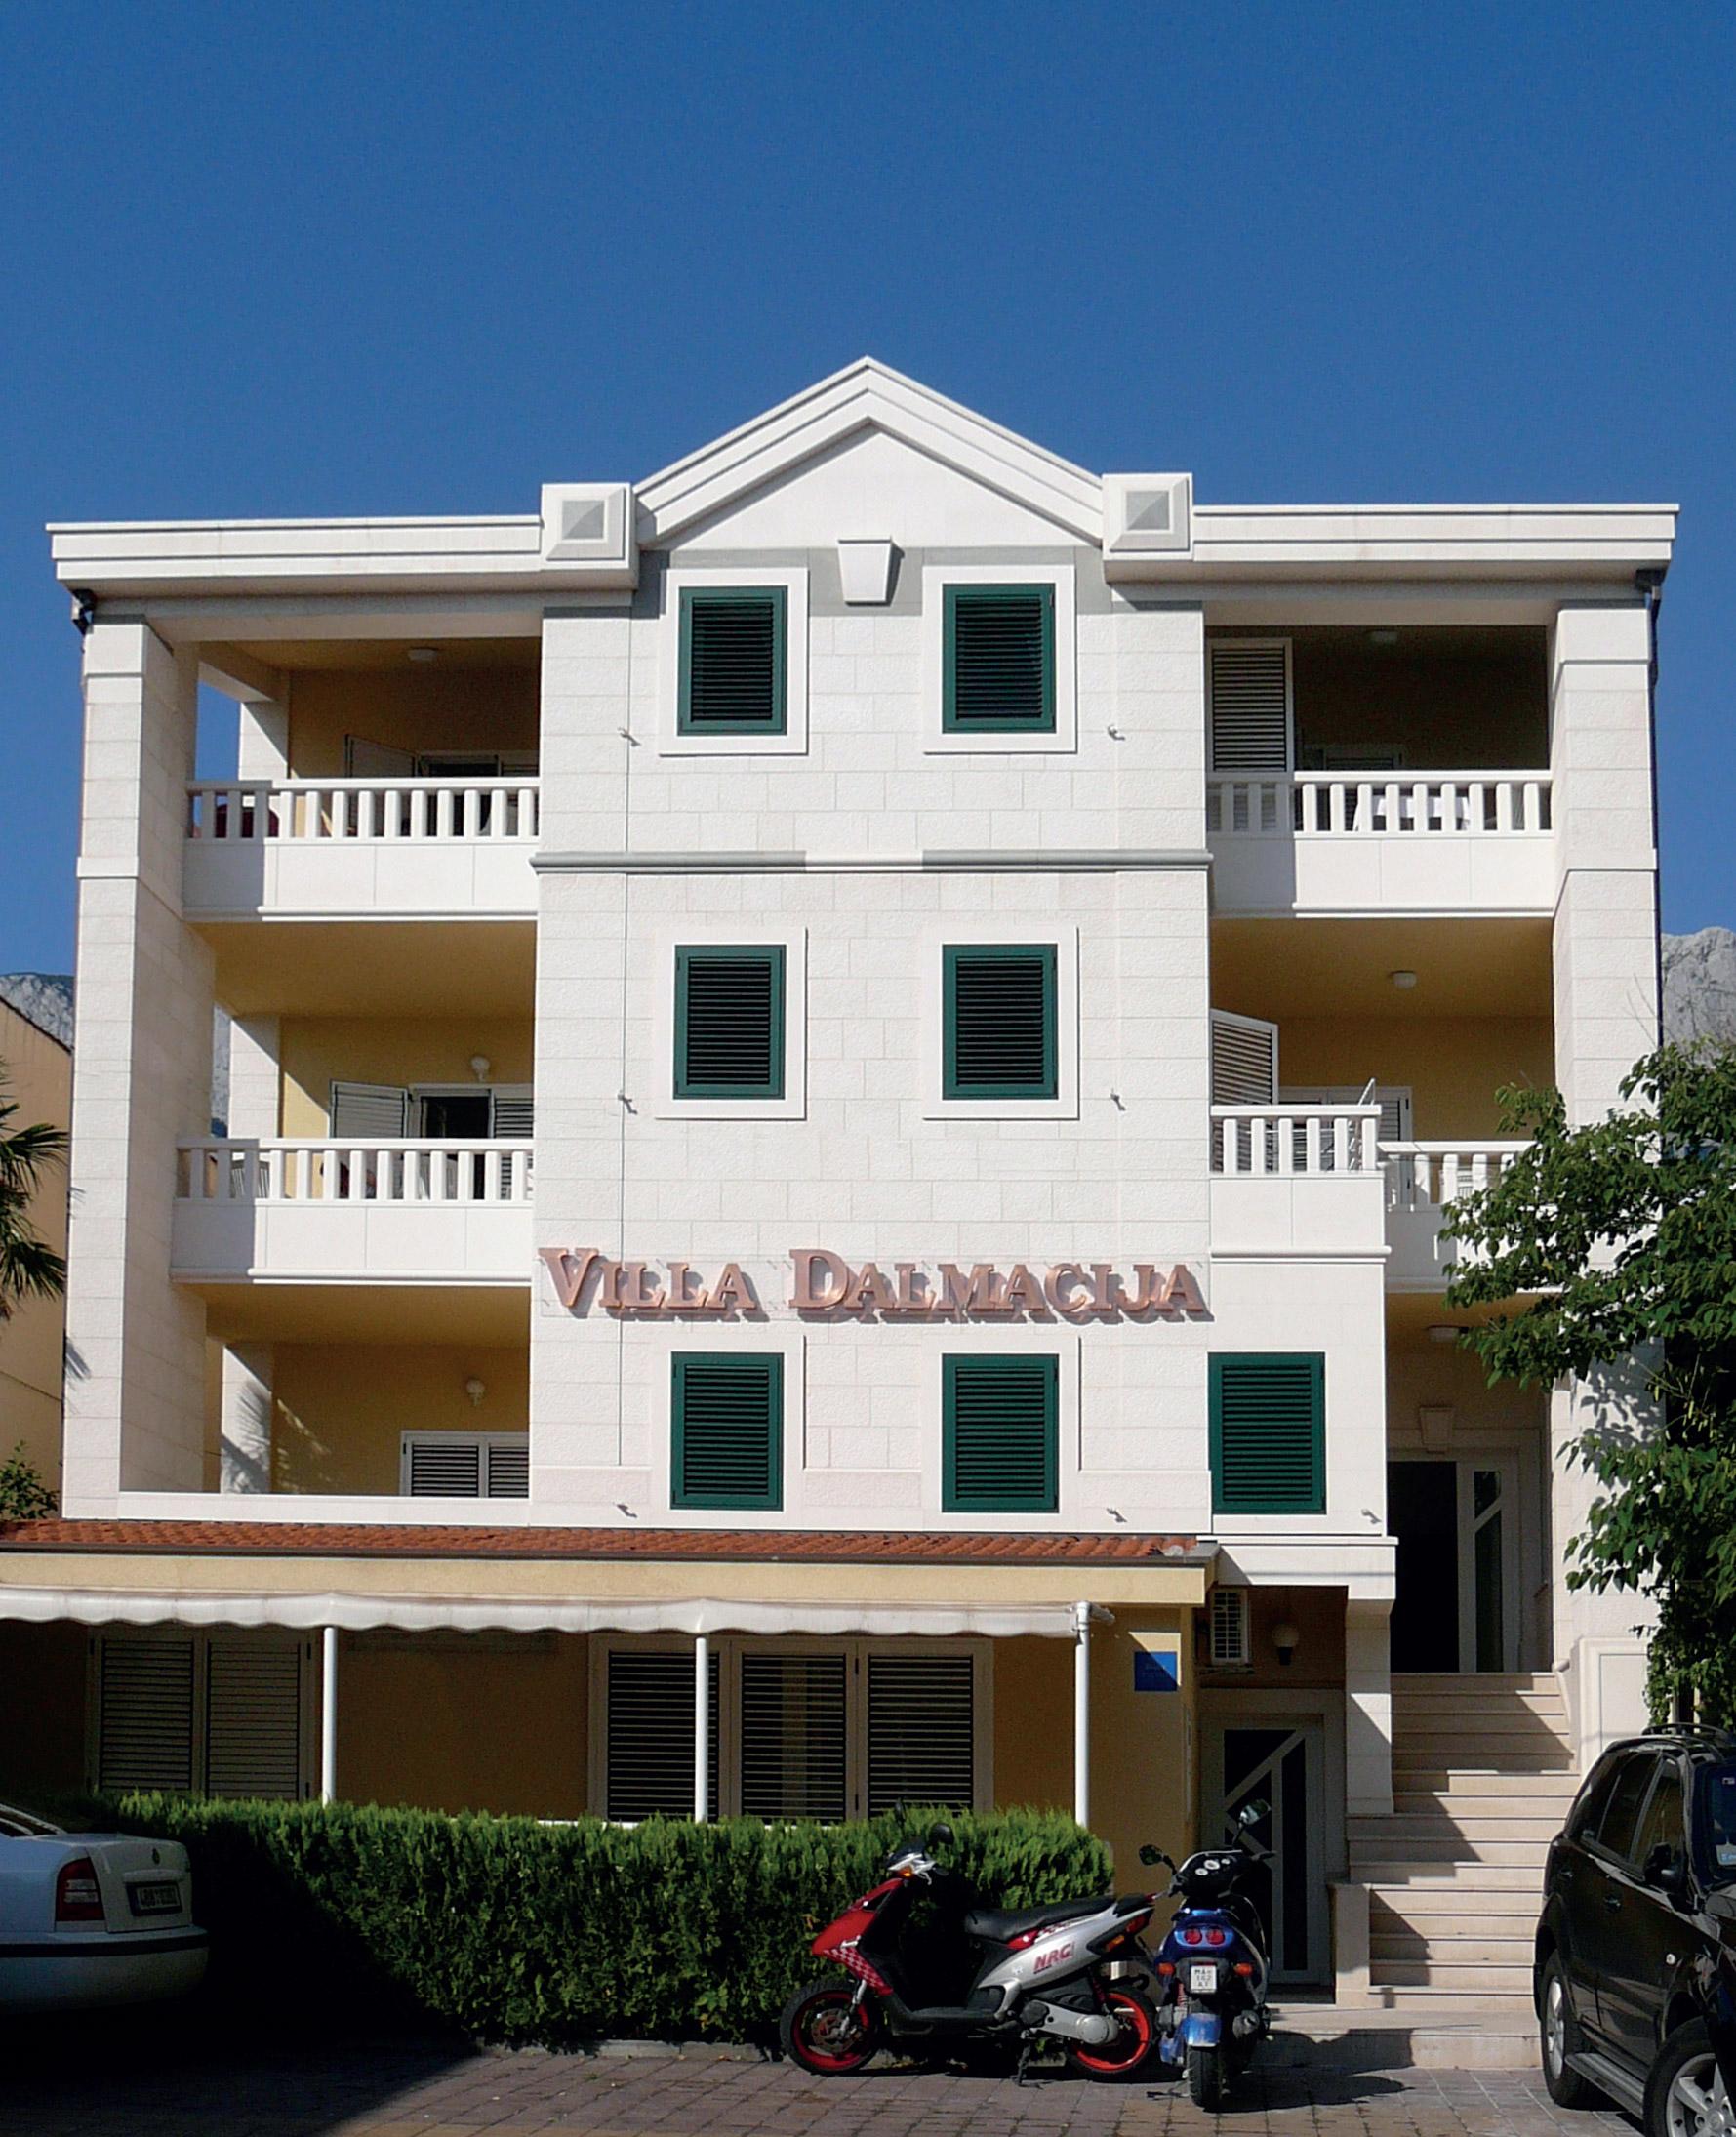 vila Dalmacija -